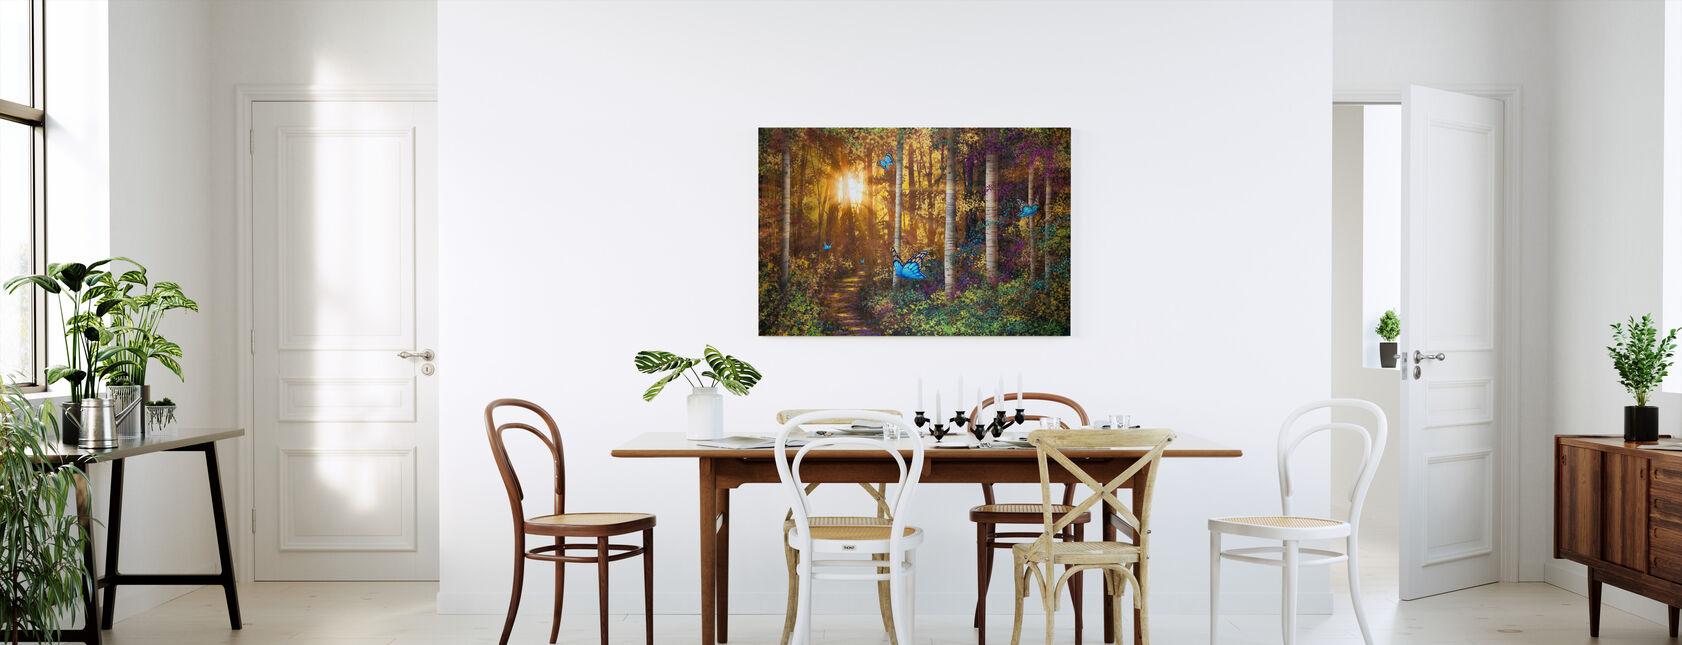 Metsät & metsämaat